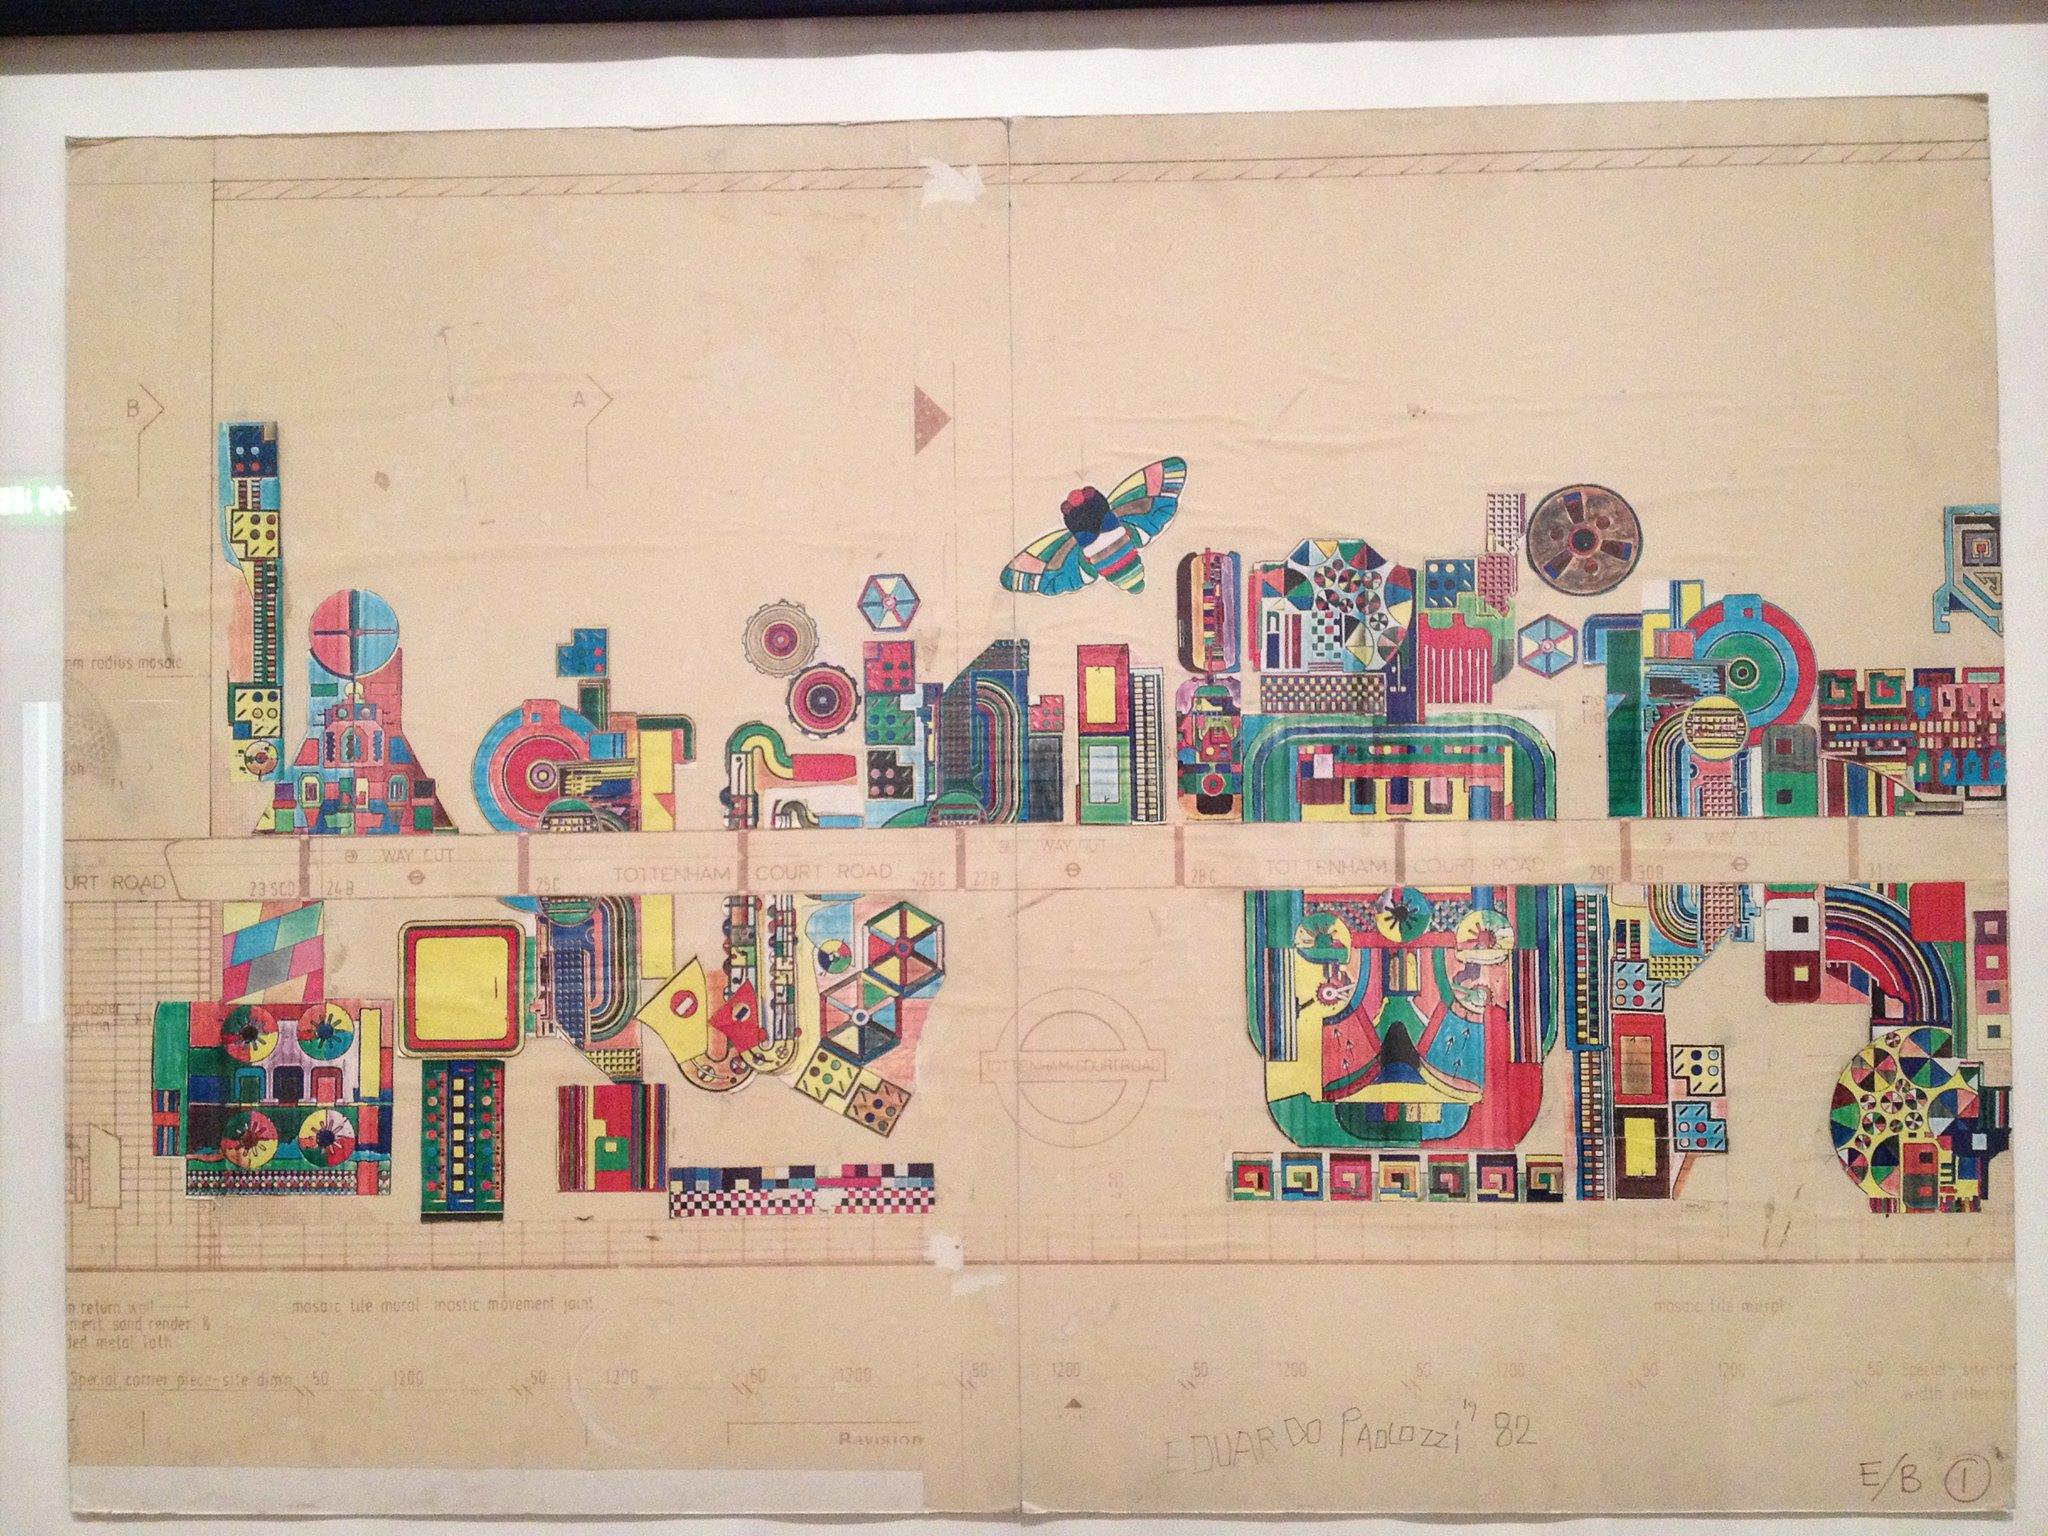 Exhibition: Eduardo Paolozzi at Whitechapel